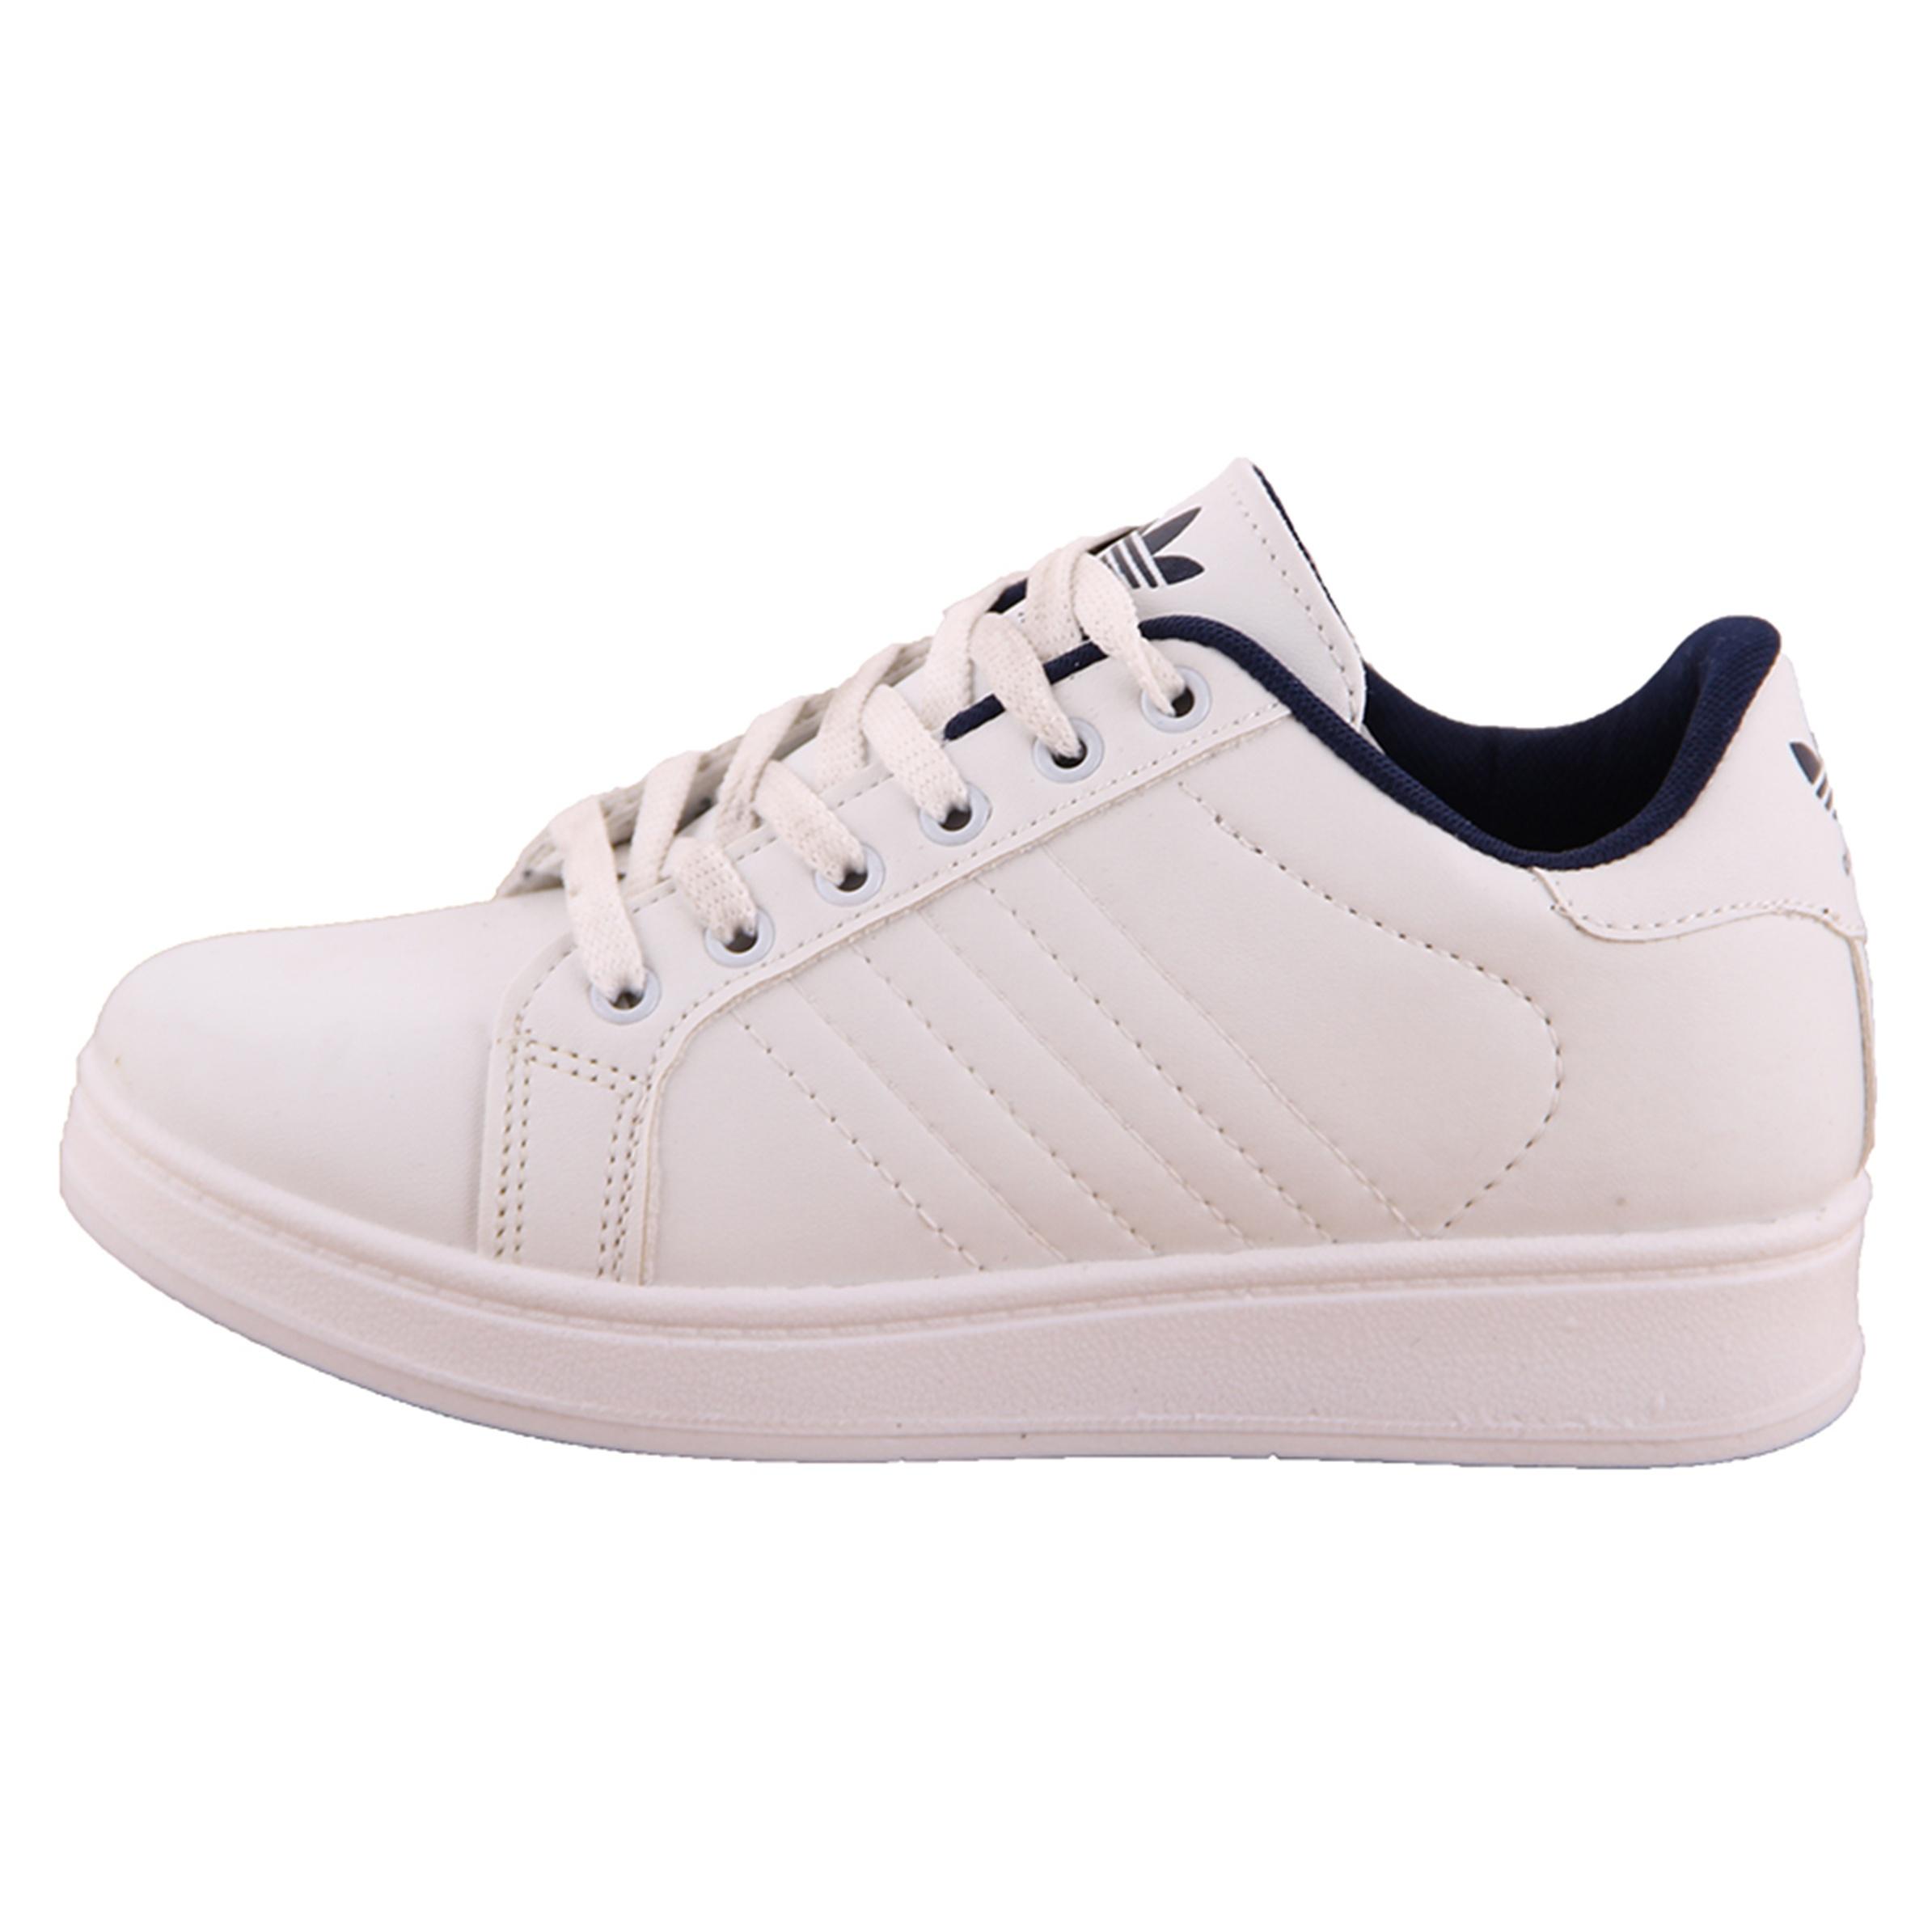 کفش مخصوص پیاده روی زنانه کد 4-39791